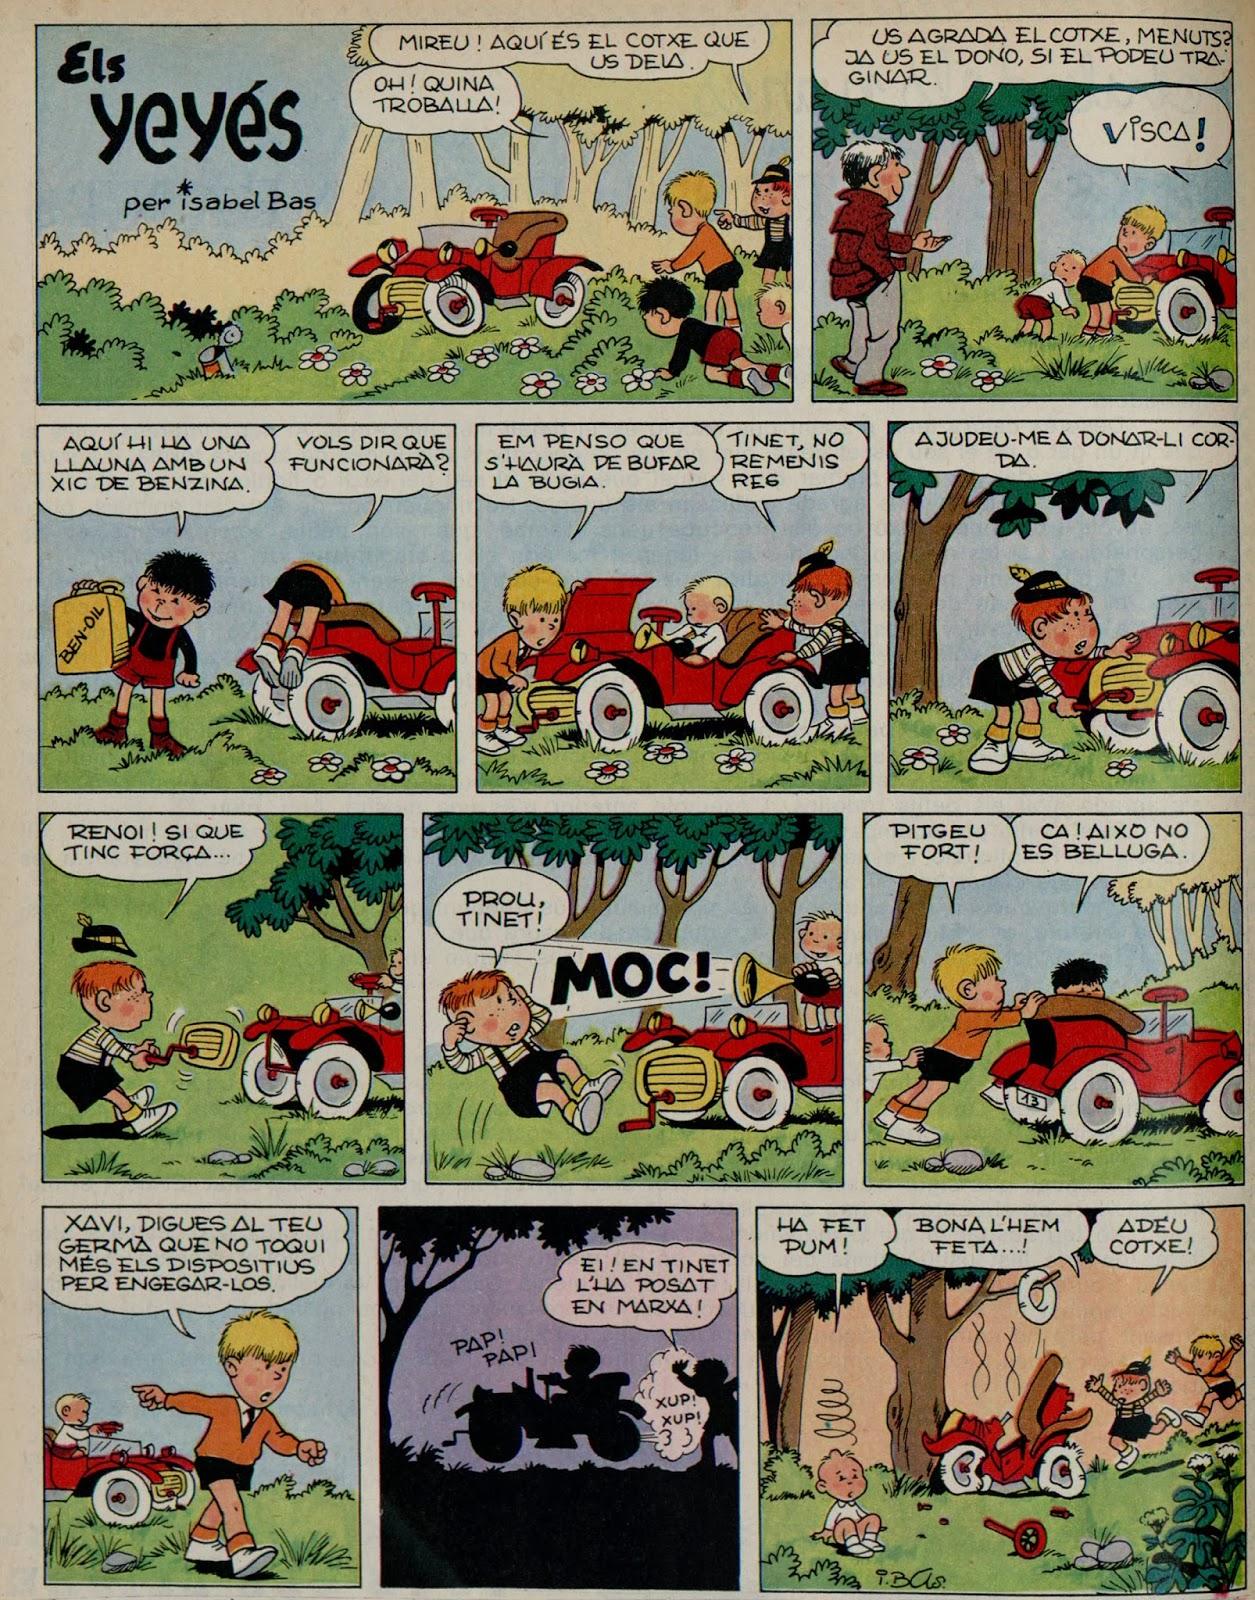 Els Yeyés, L' Infantil Tretzevents nº 66